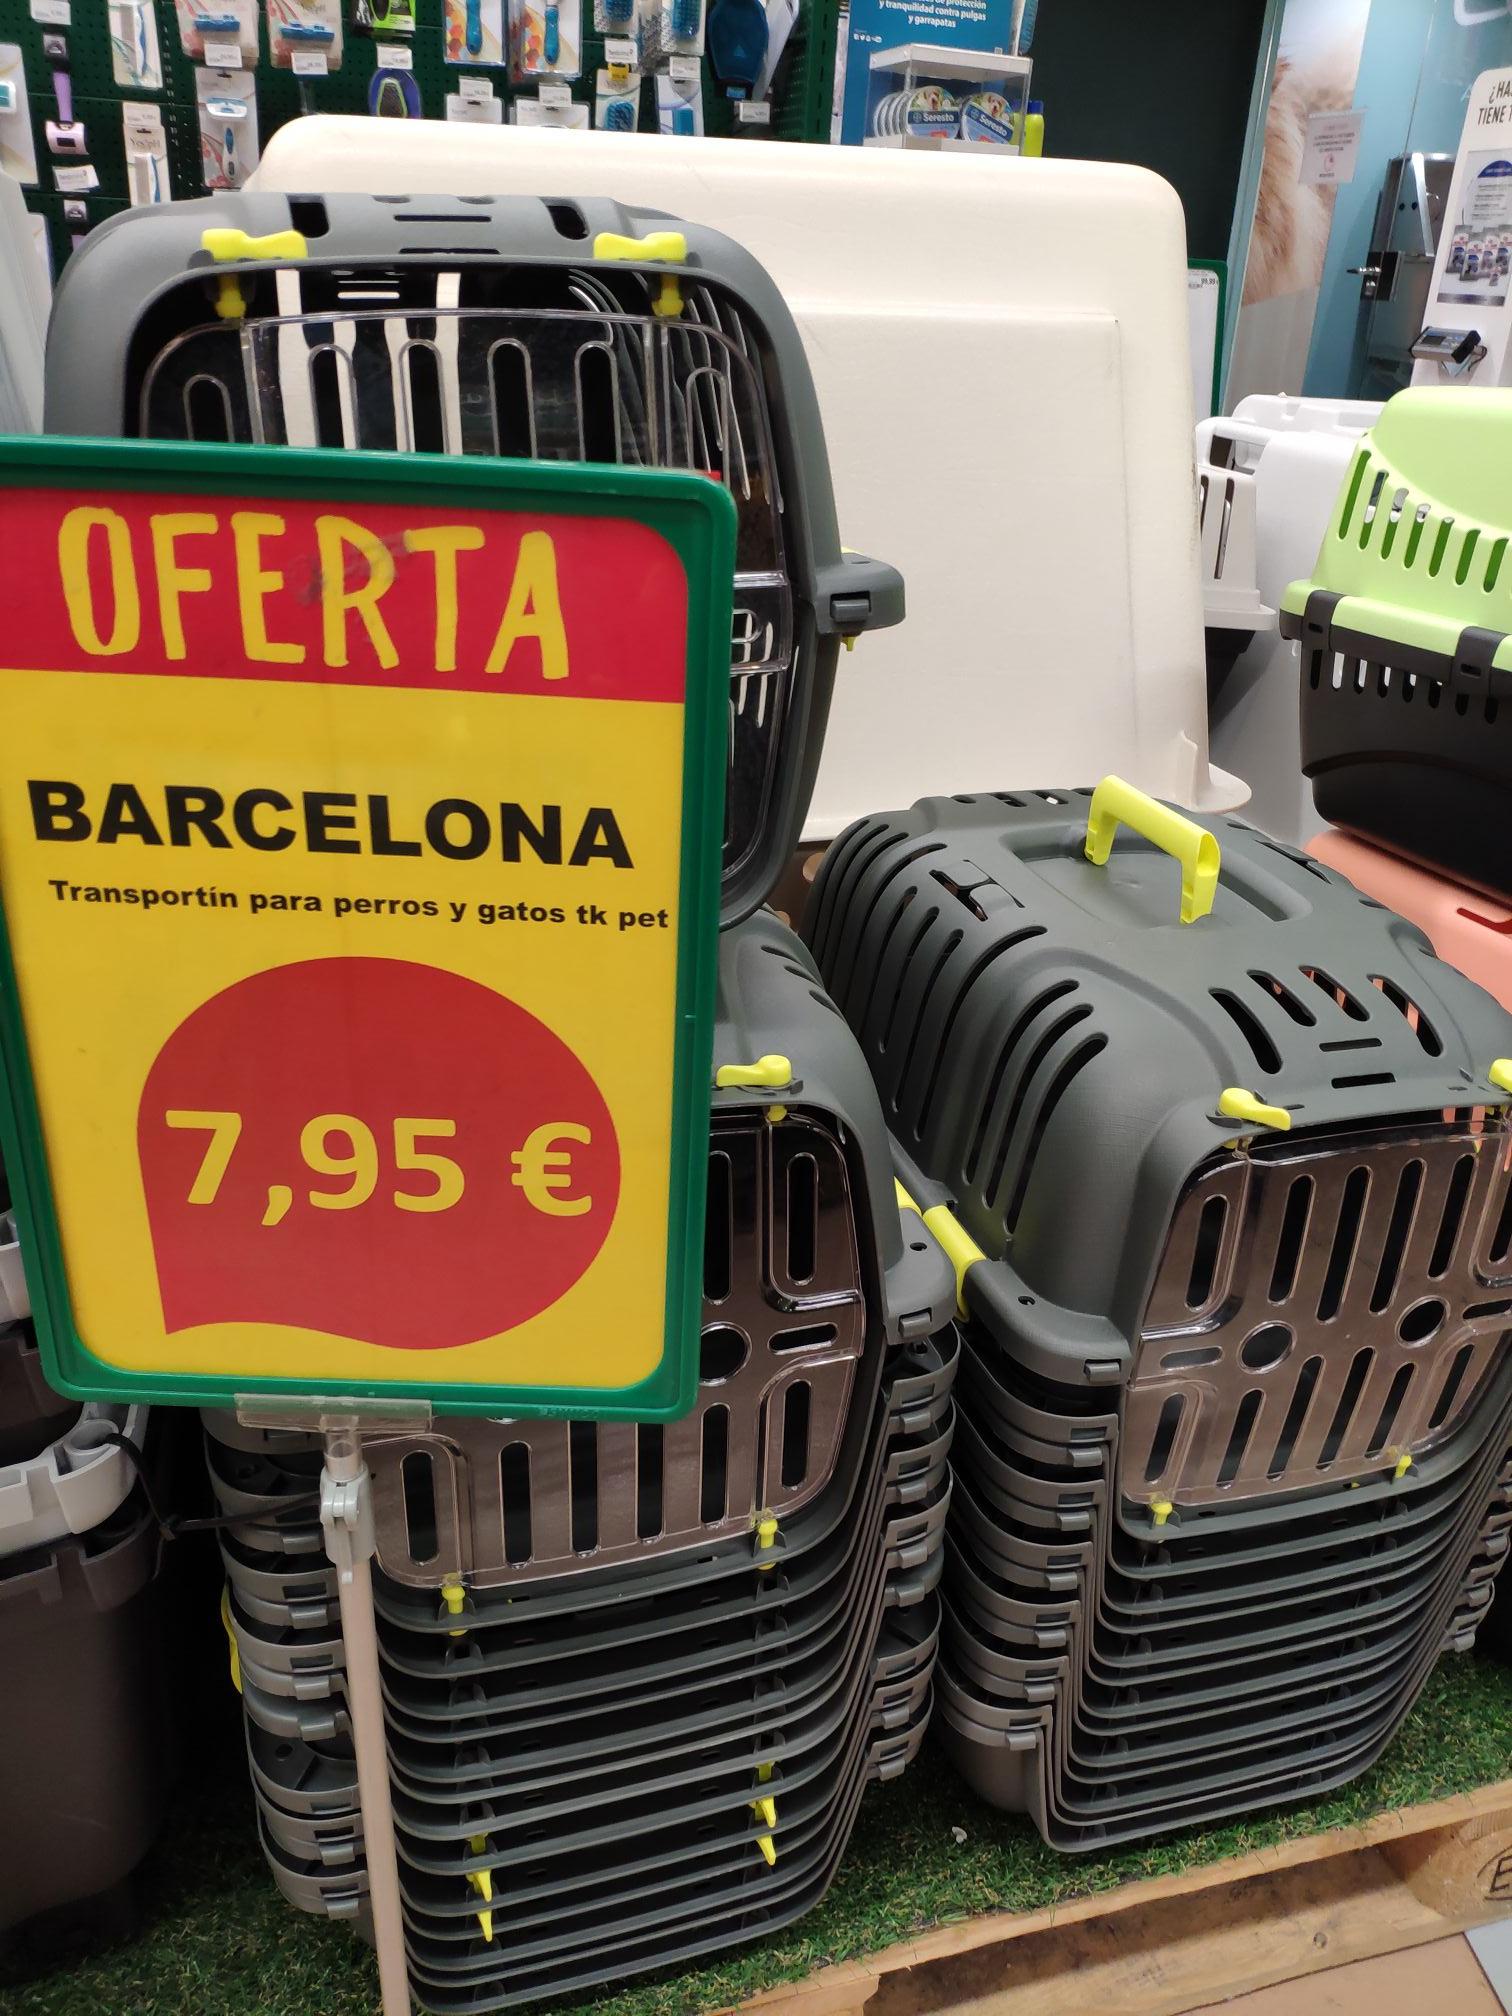 Transportin para perros y gatos. Tiendanimal Córdoba